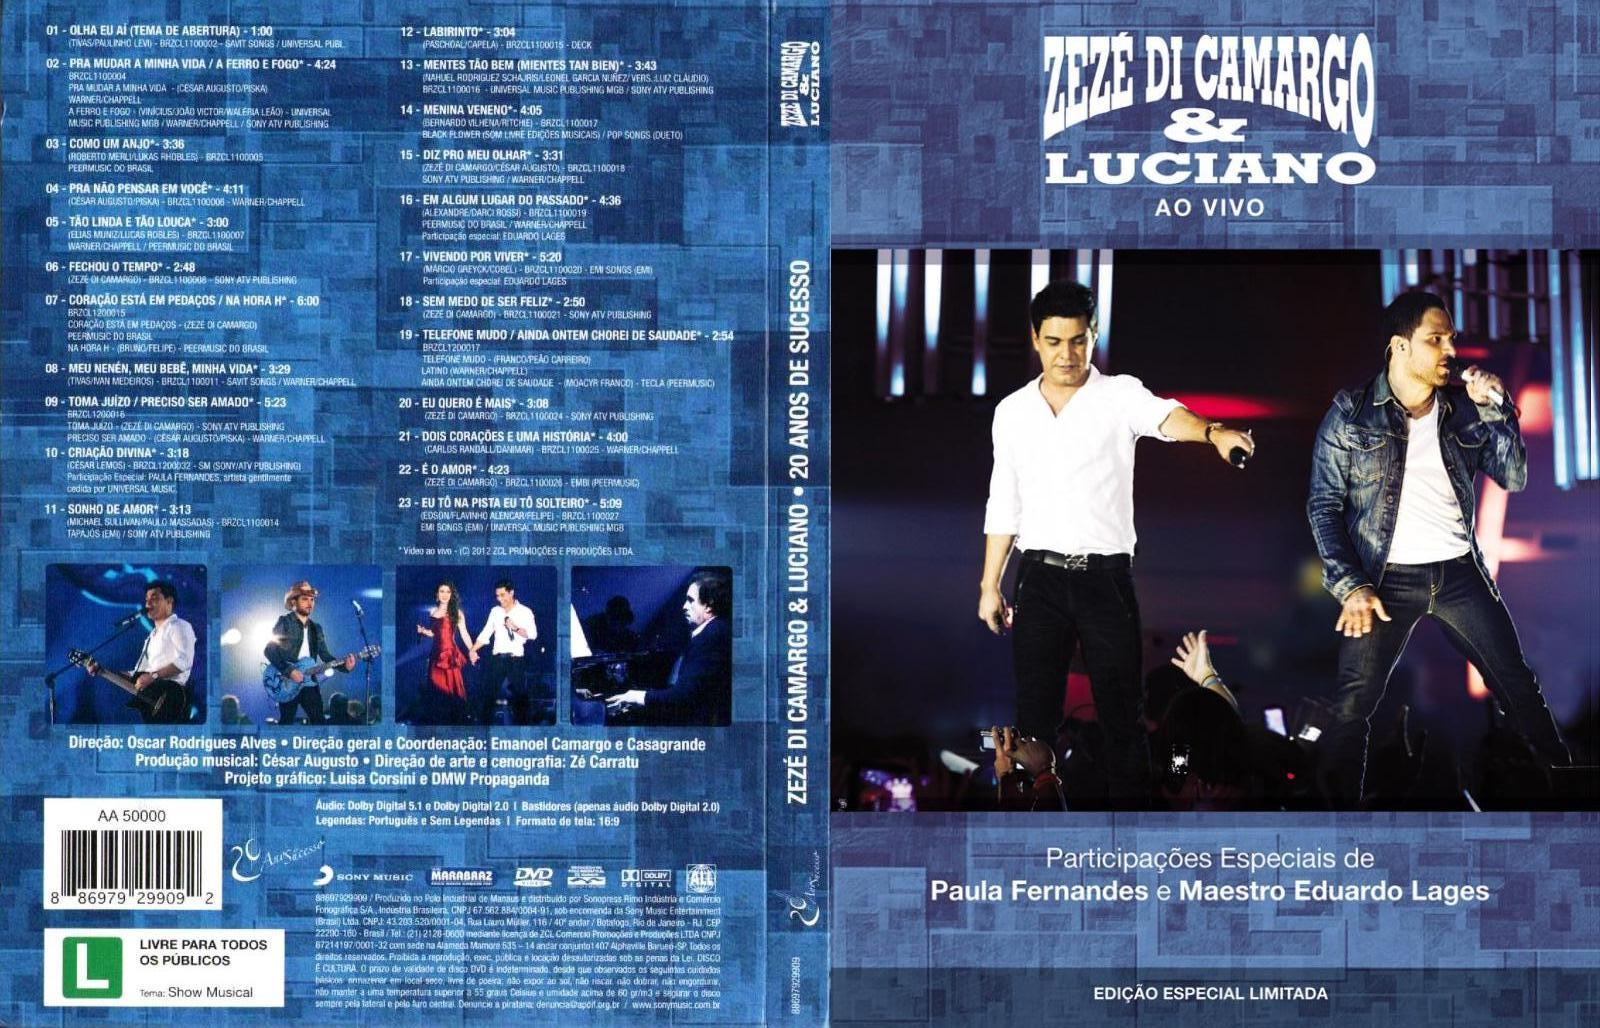 dvd zeze di camargo e luciano 20 anos 2012